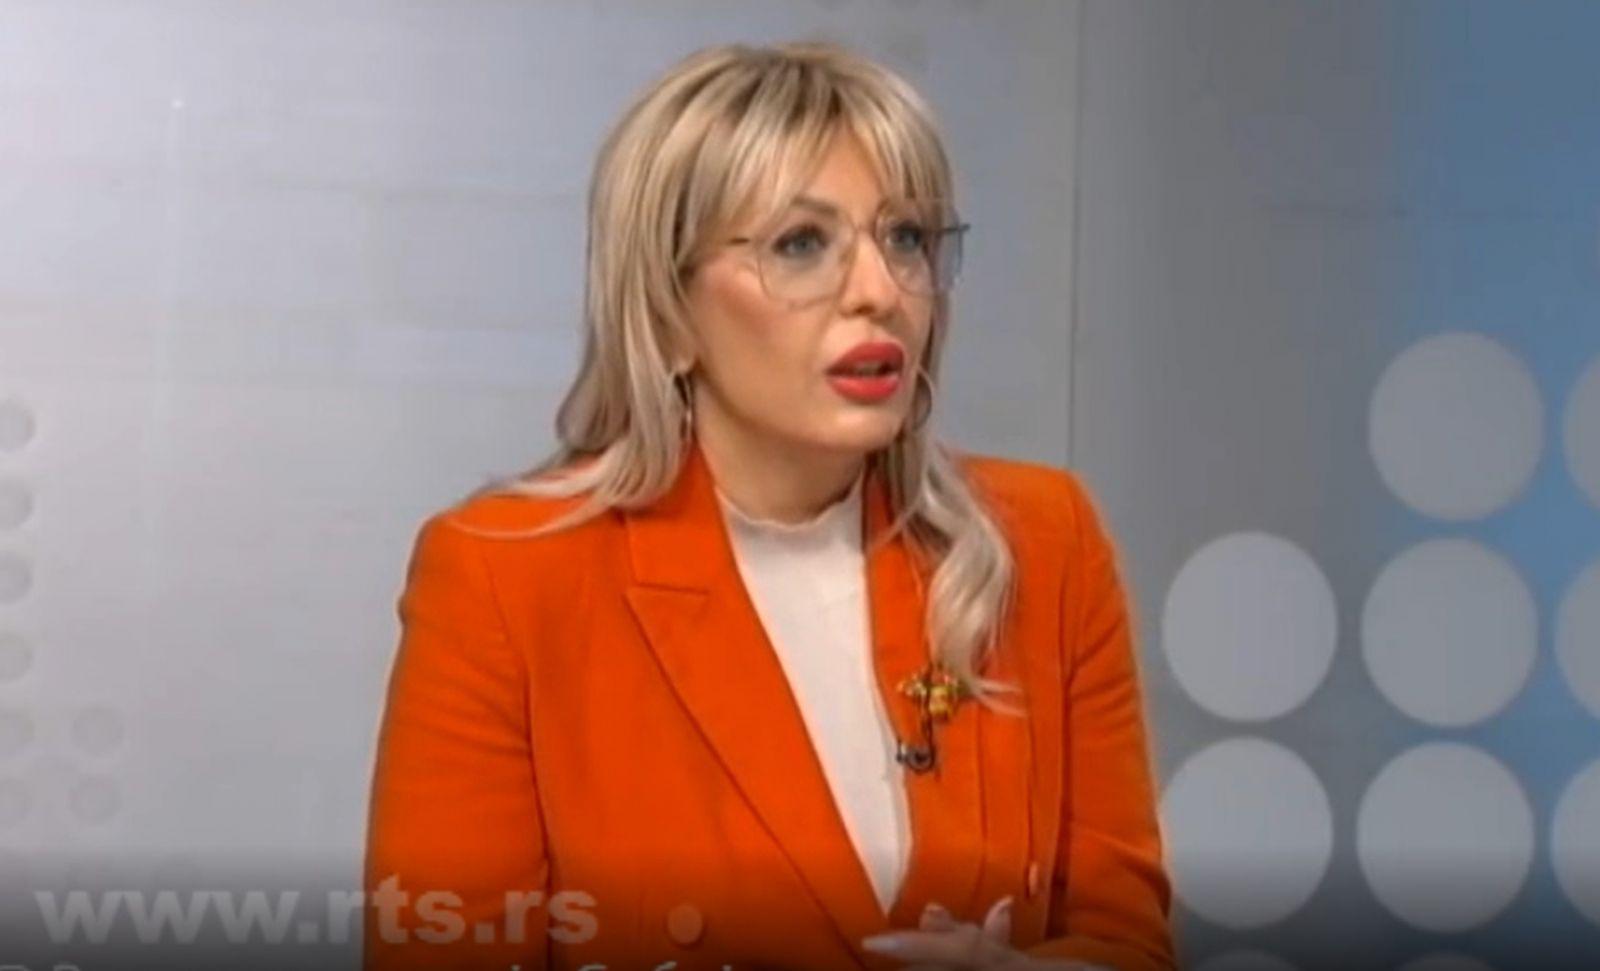 Ј. Јоксимовић: Очекујем важан корак напред до краја године